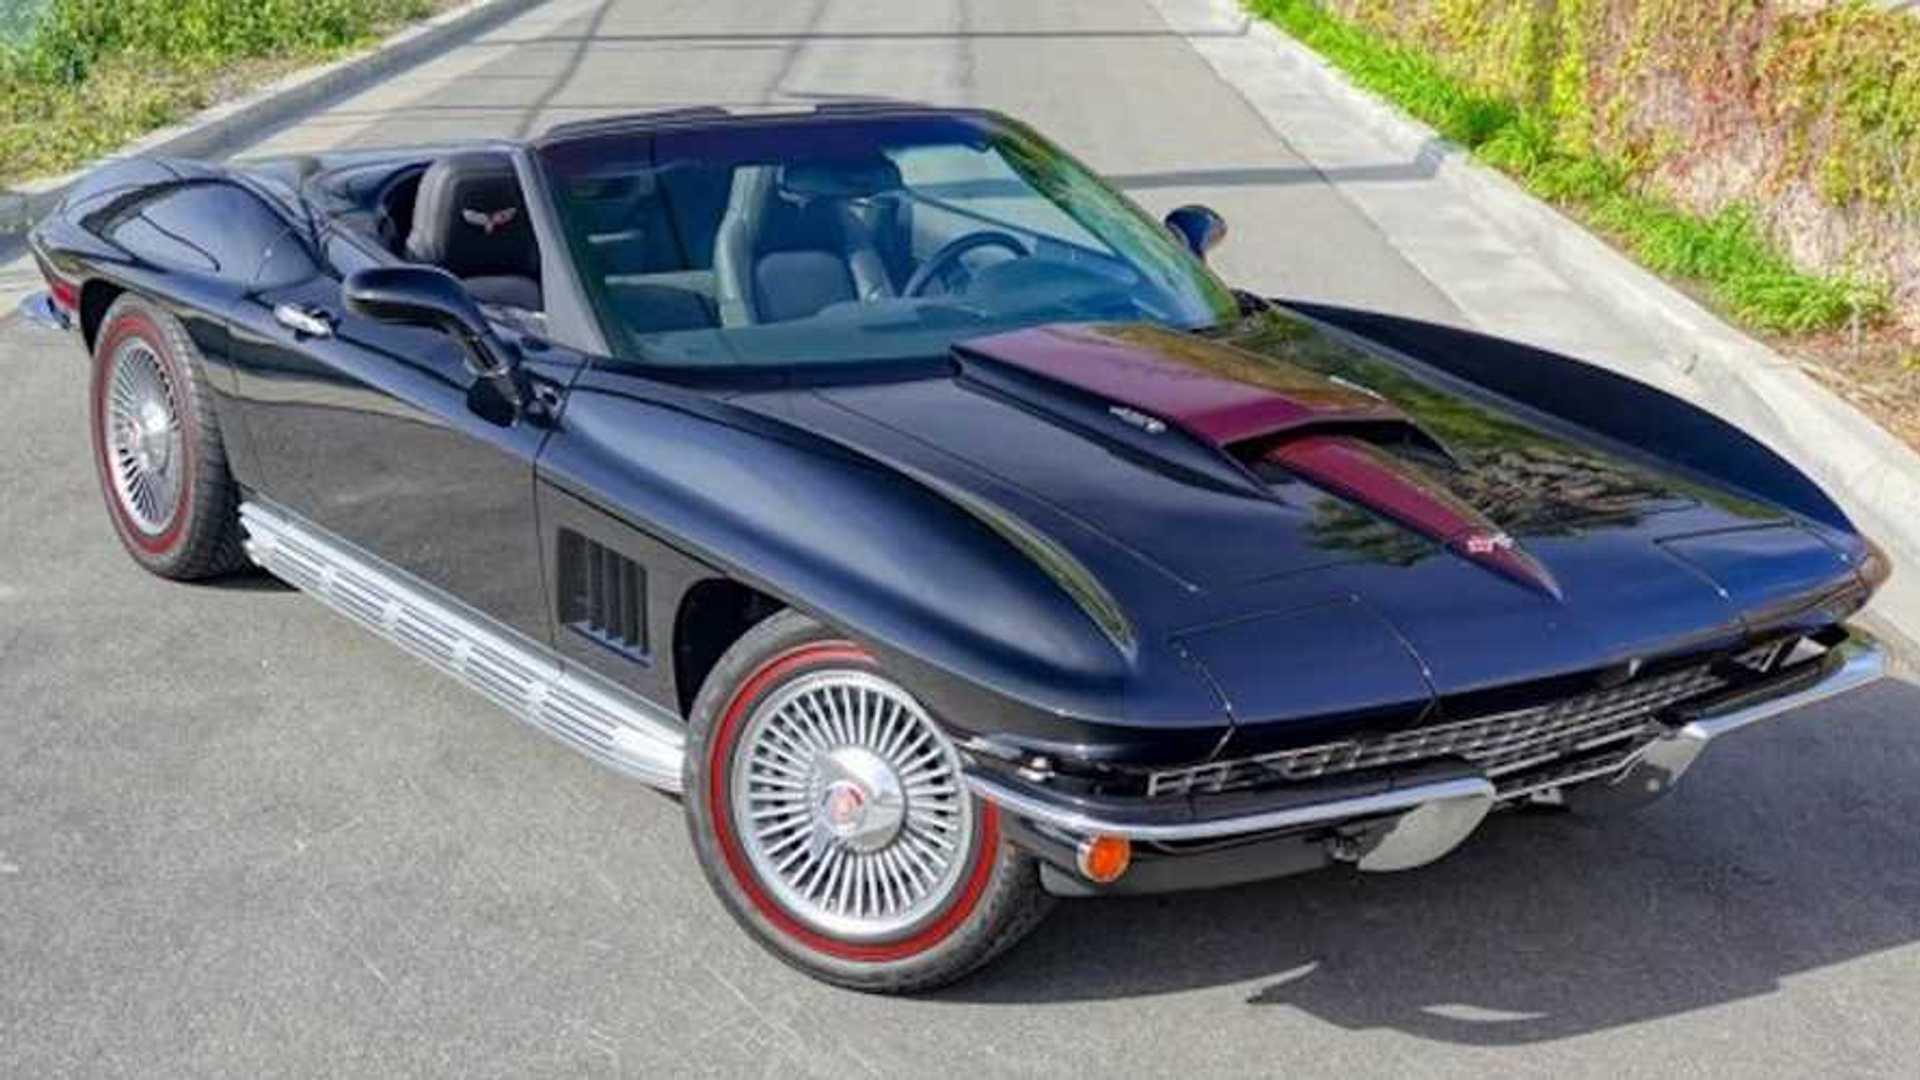 Kelebihan Kekurangan Corvette C2 Top Model Tahun Ini